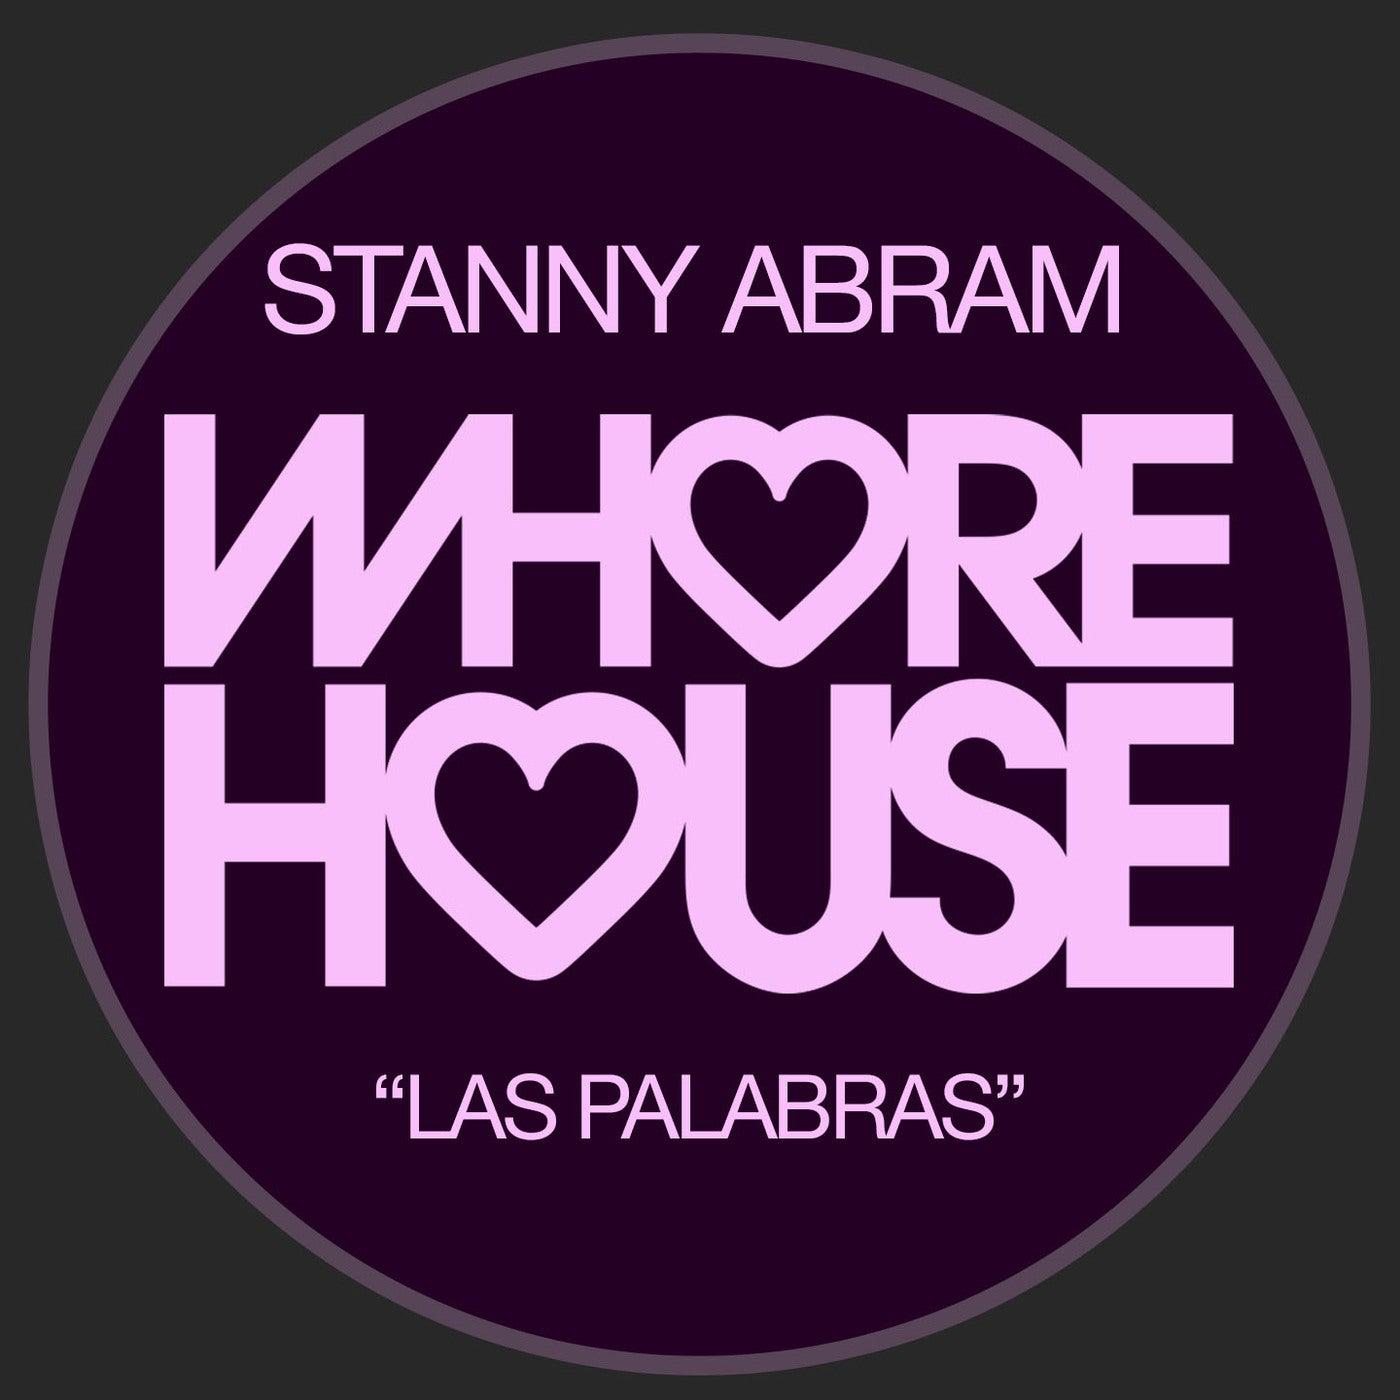 Las Palabras (Original Mix)